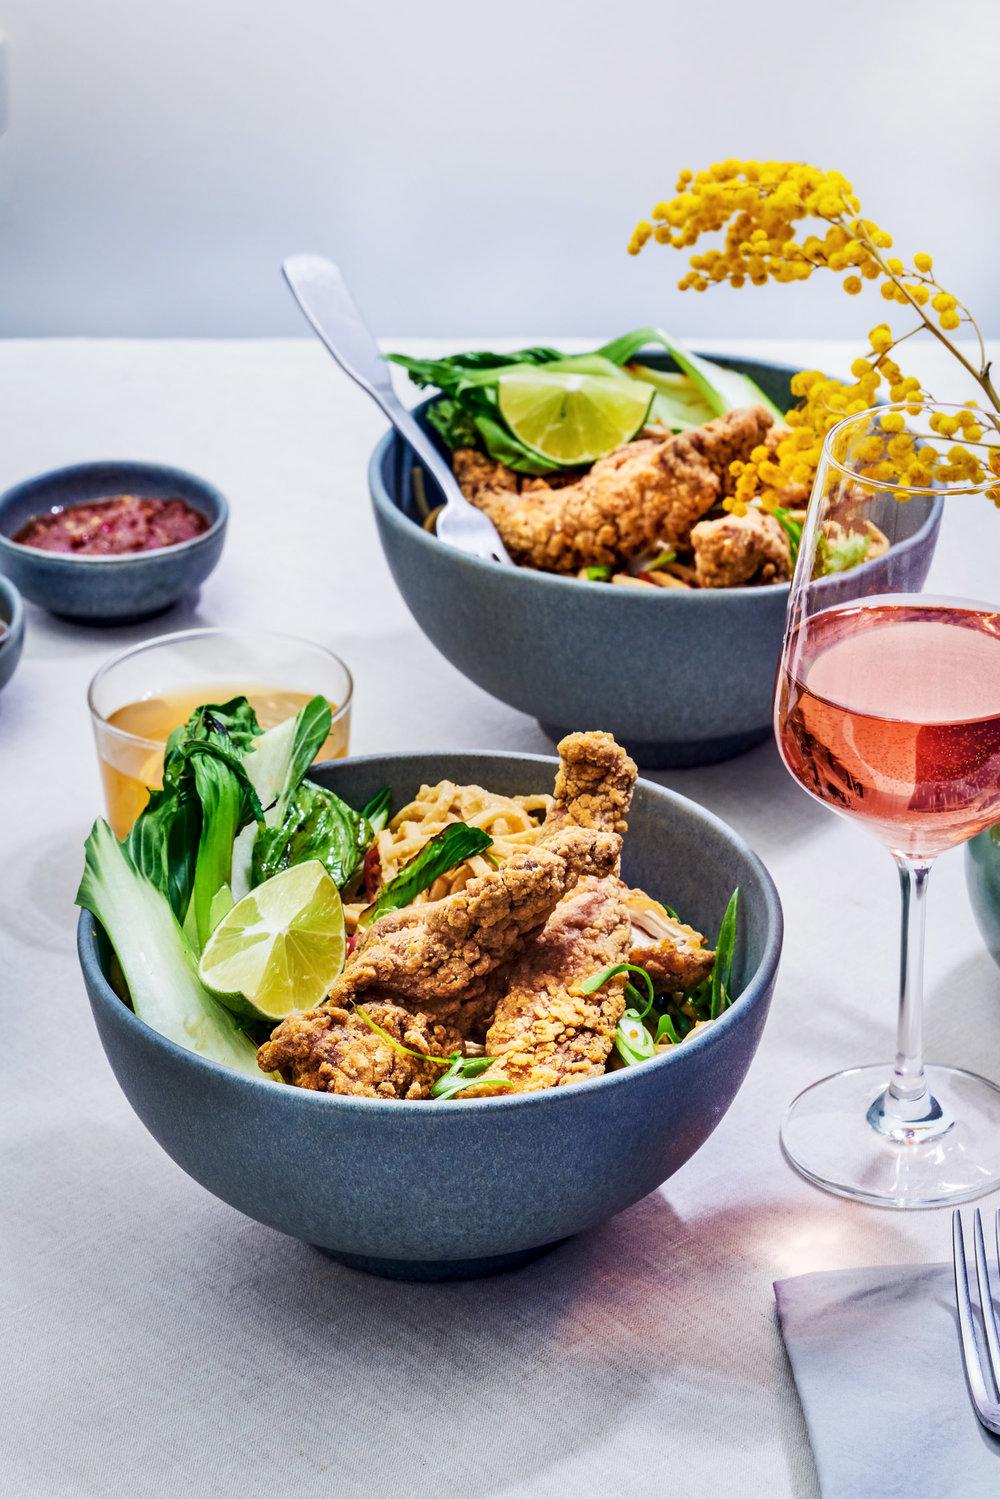 west-elm-chicken-noodles-gab05.jpg